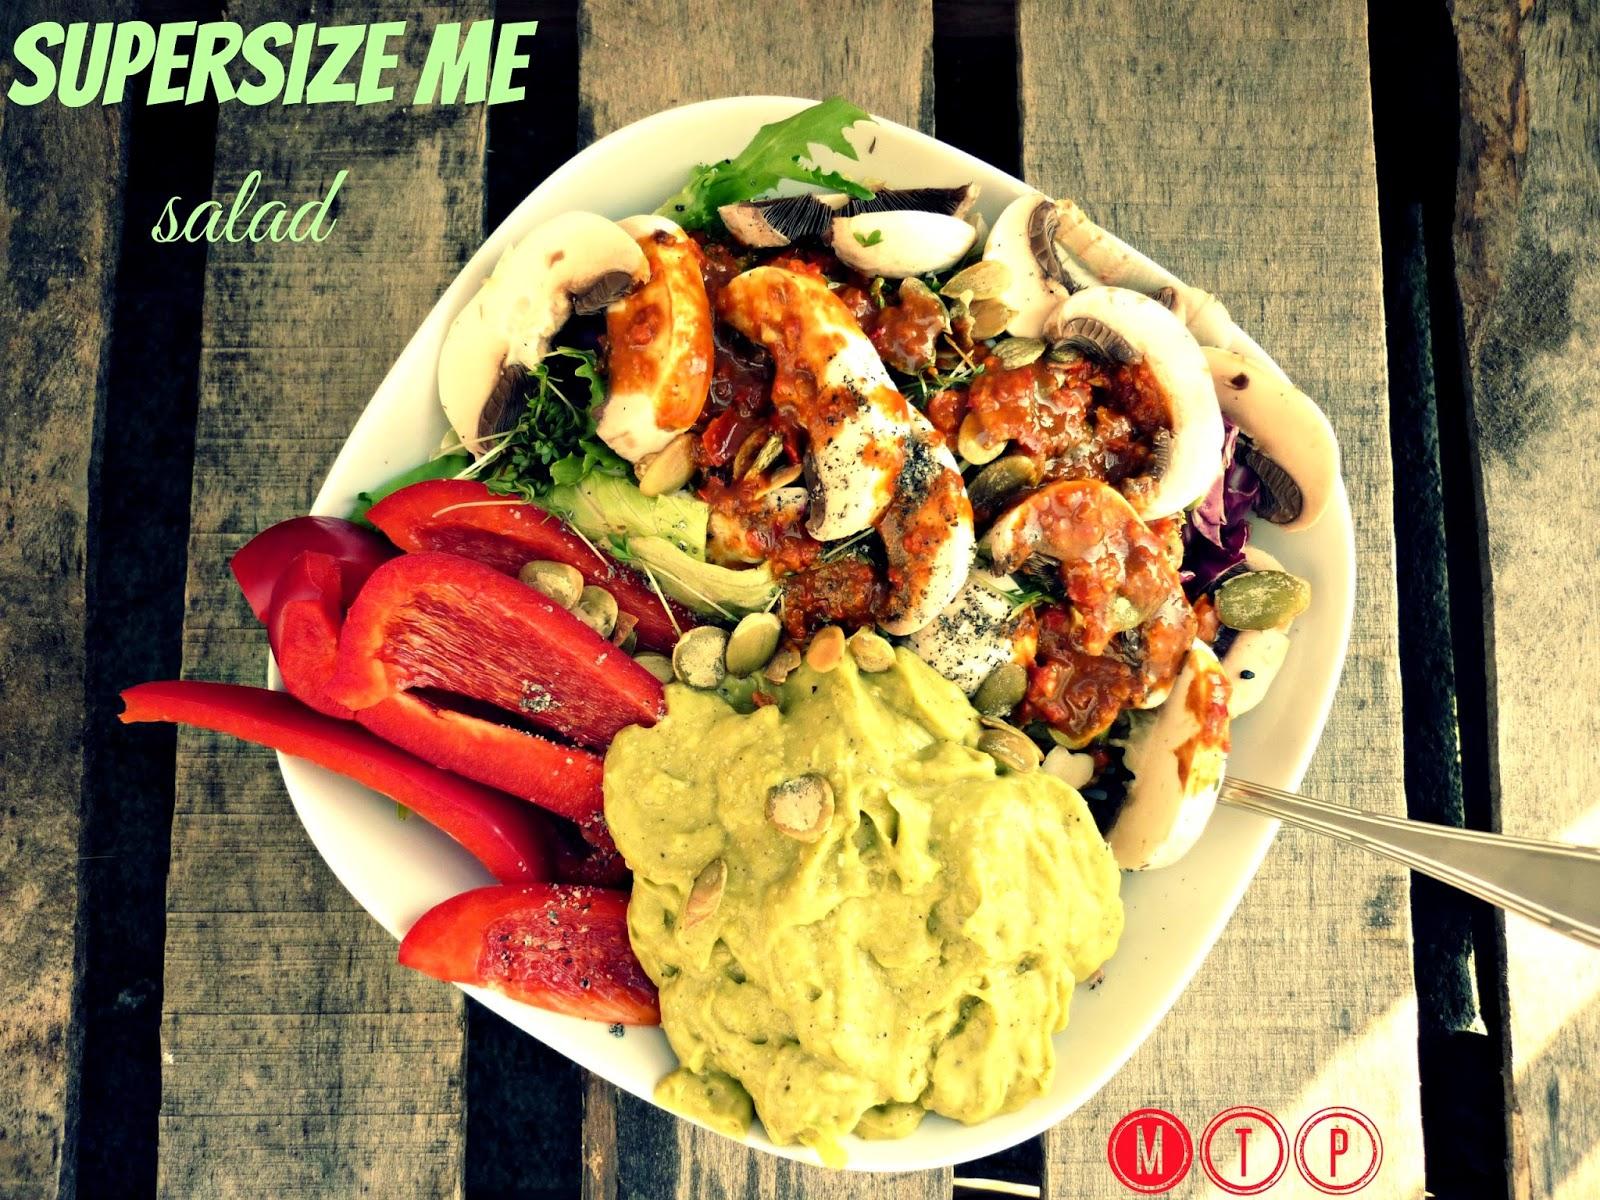 supersize me salad